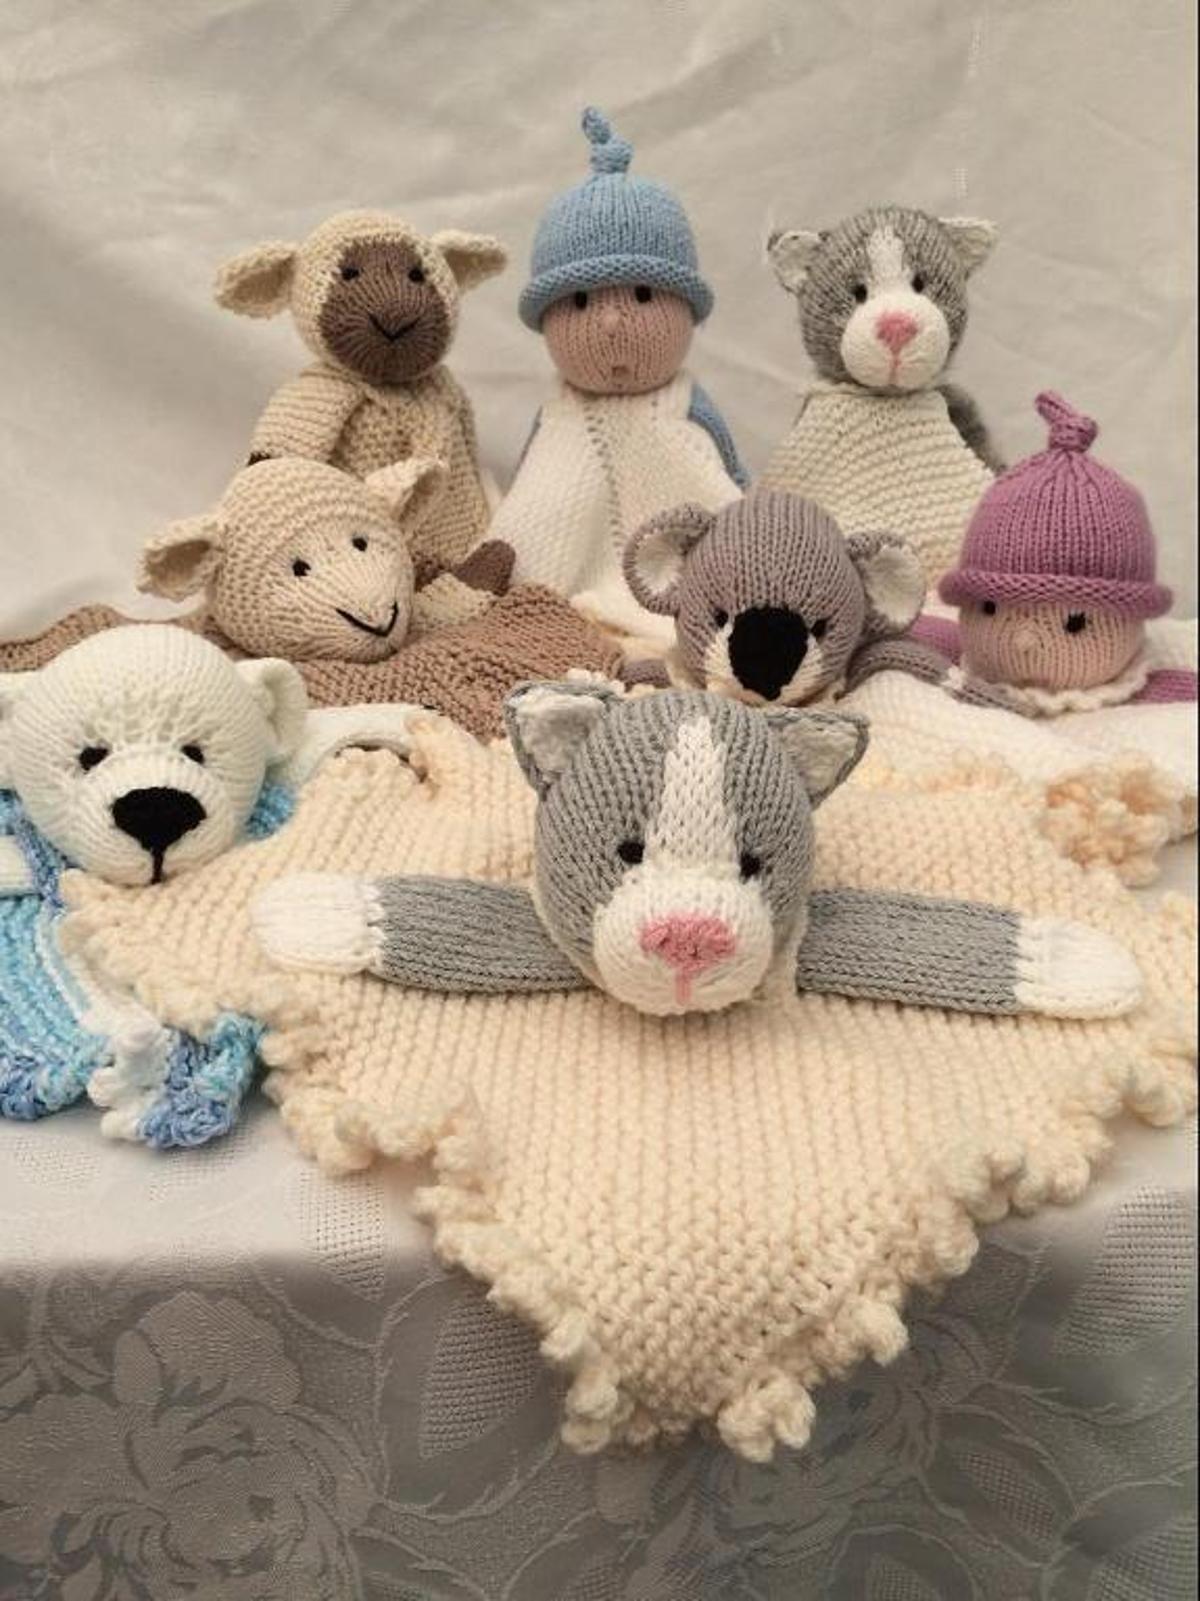 Midi Cuddles Comfort Blankets   Craftsy   Blanket knitting ...